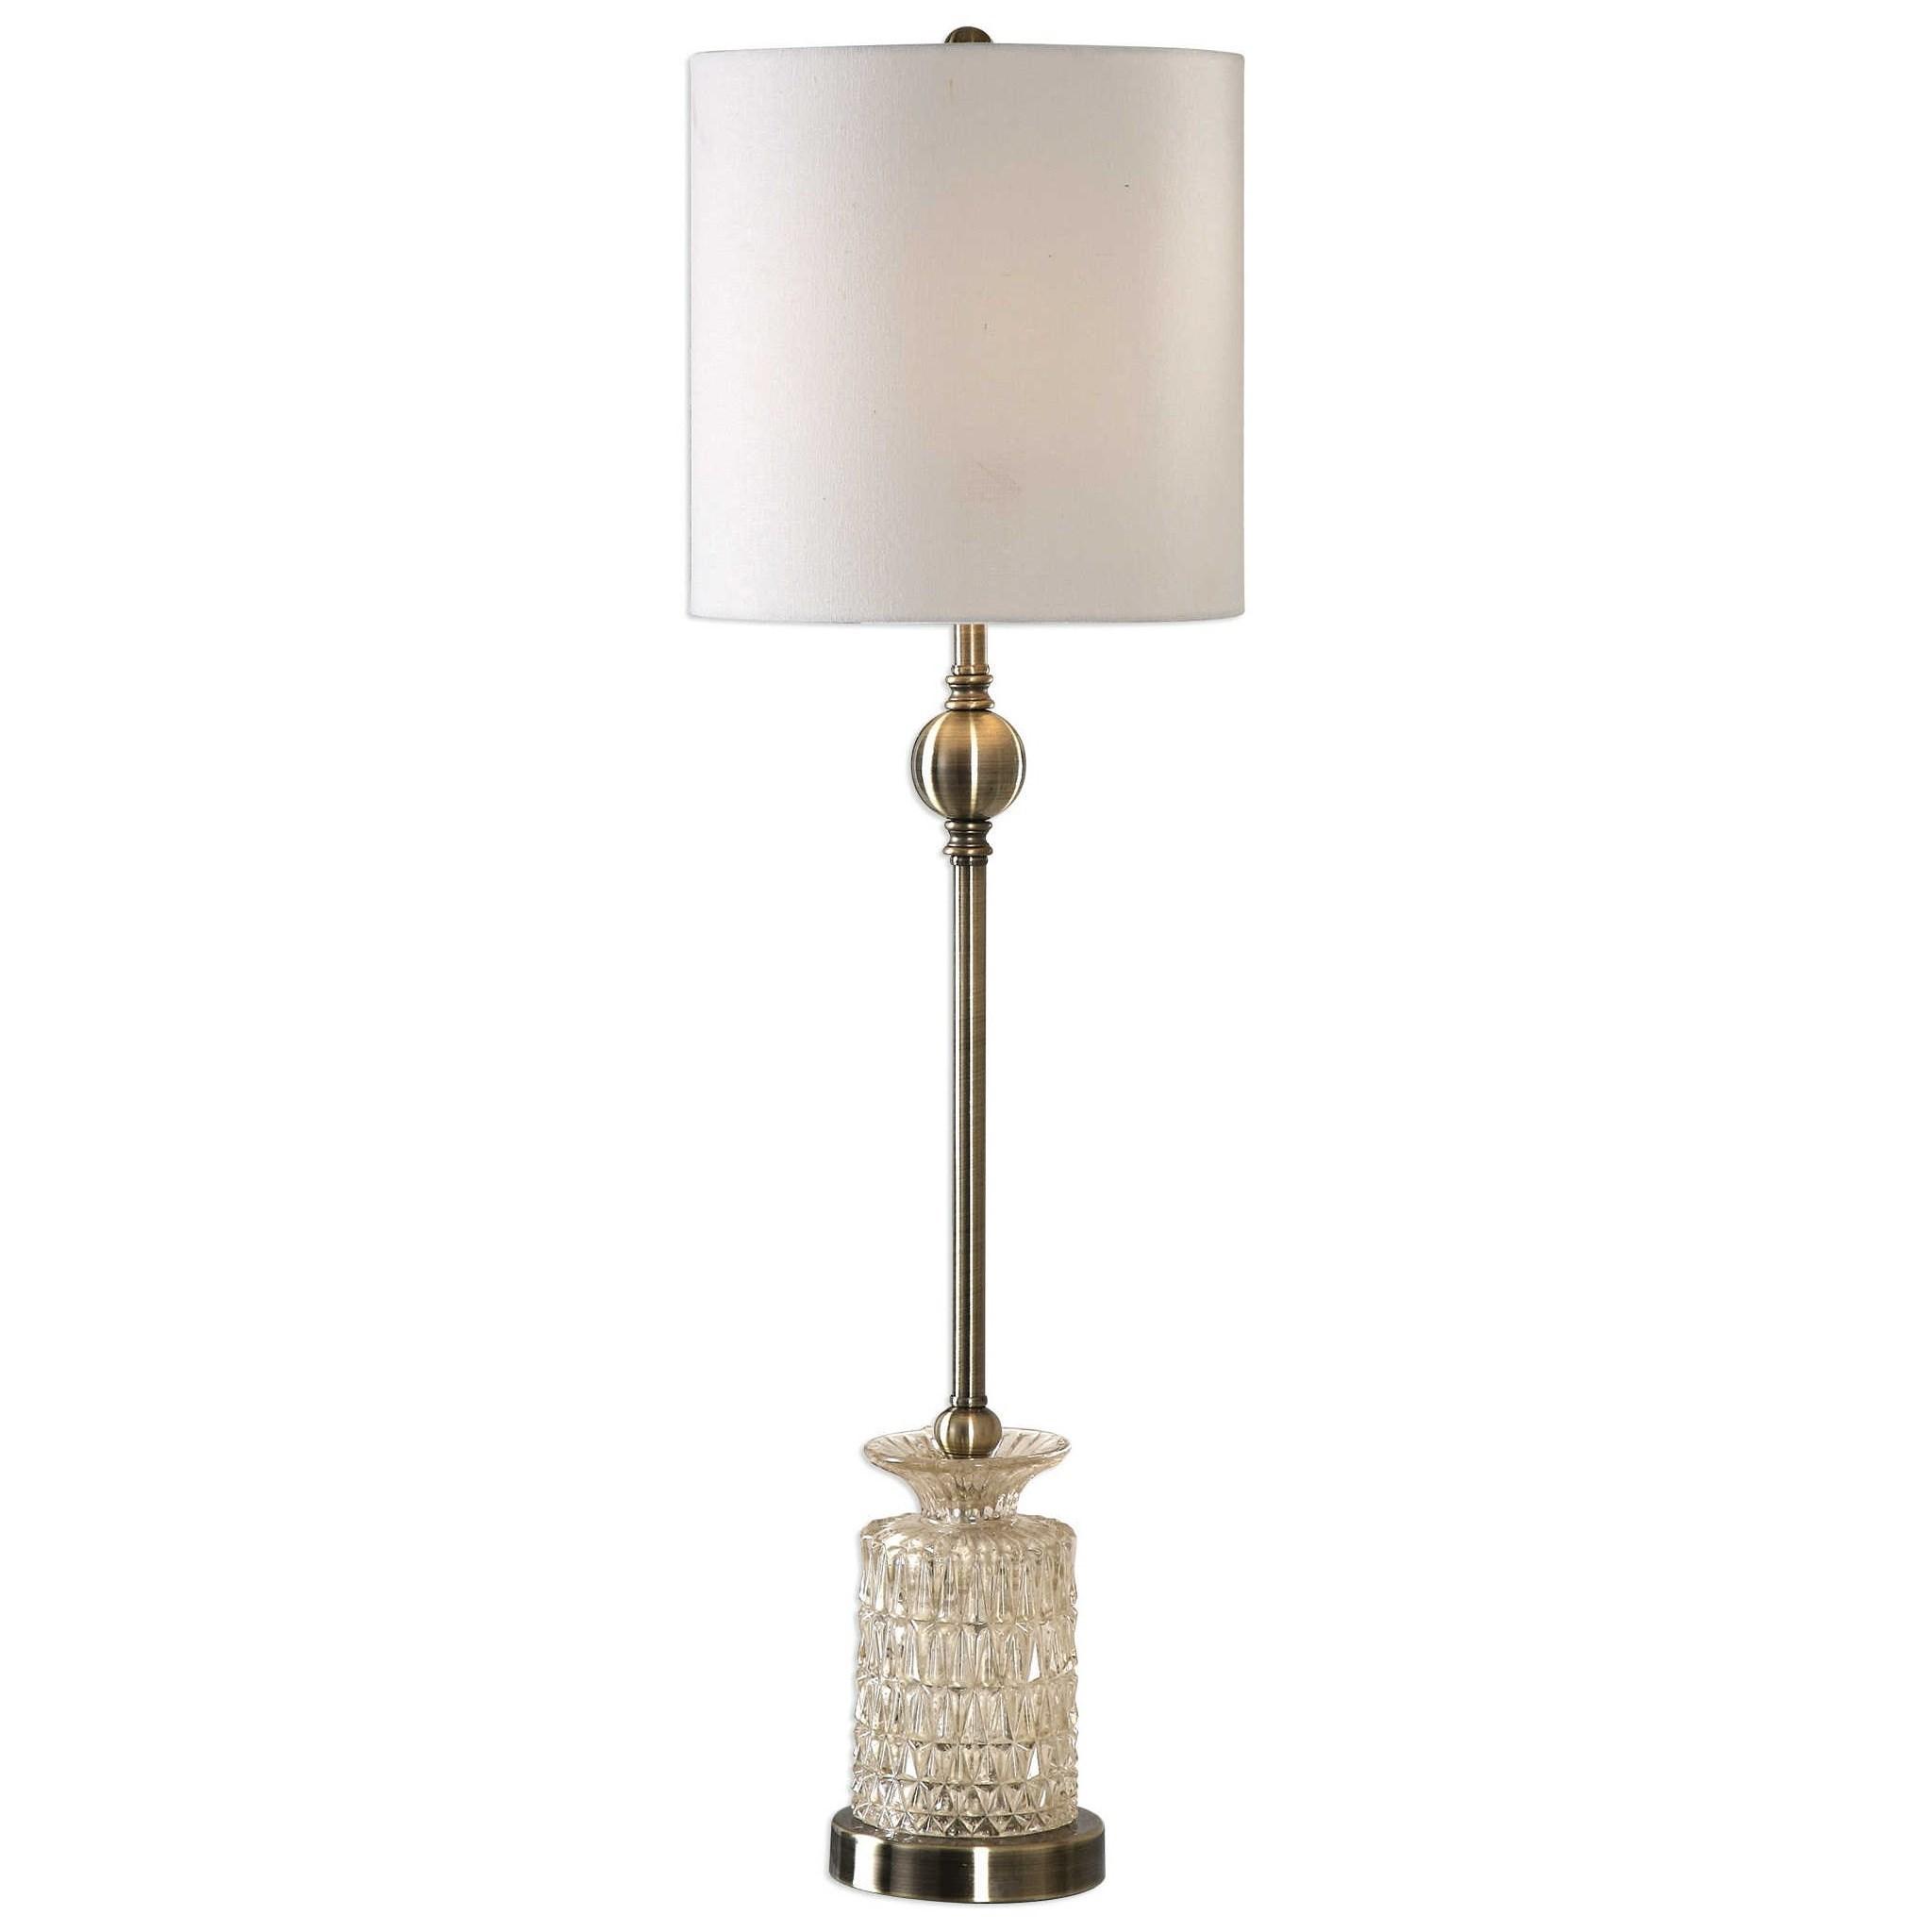 Flaviana Antique Brass Buffet Lamp